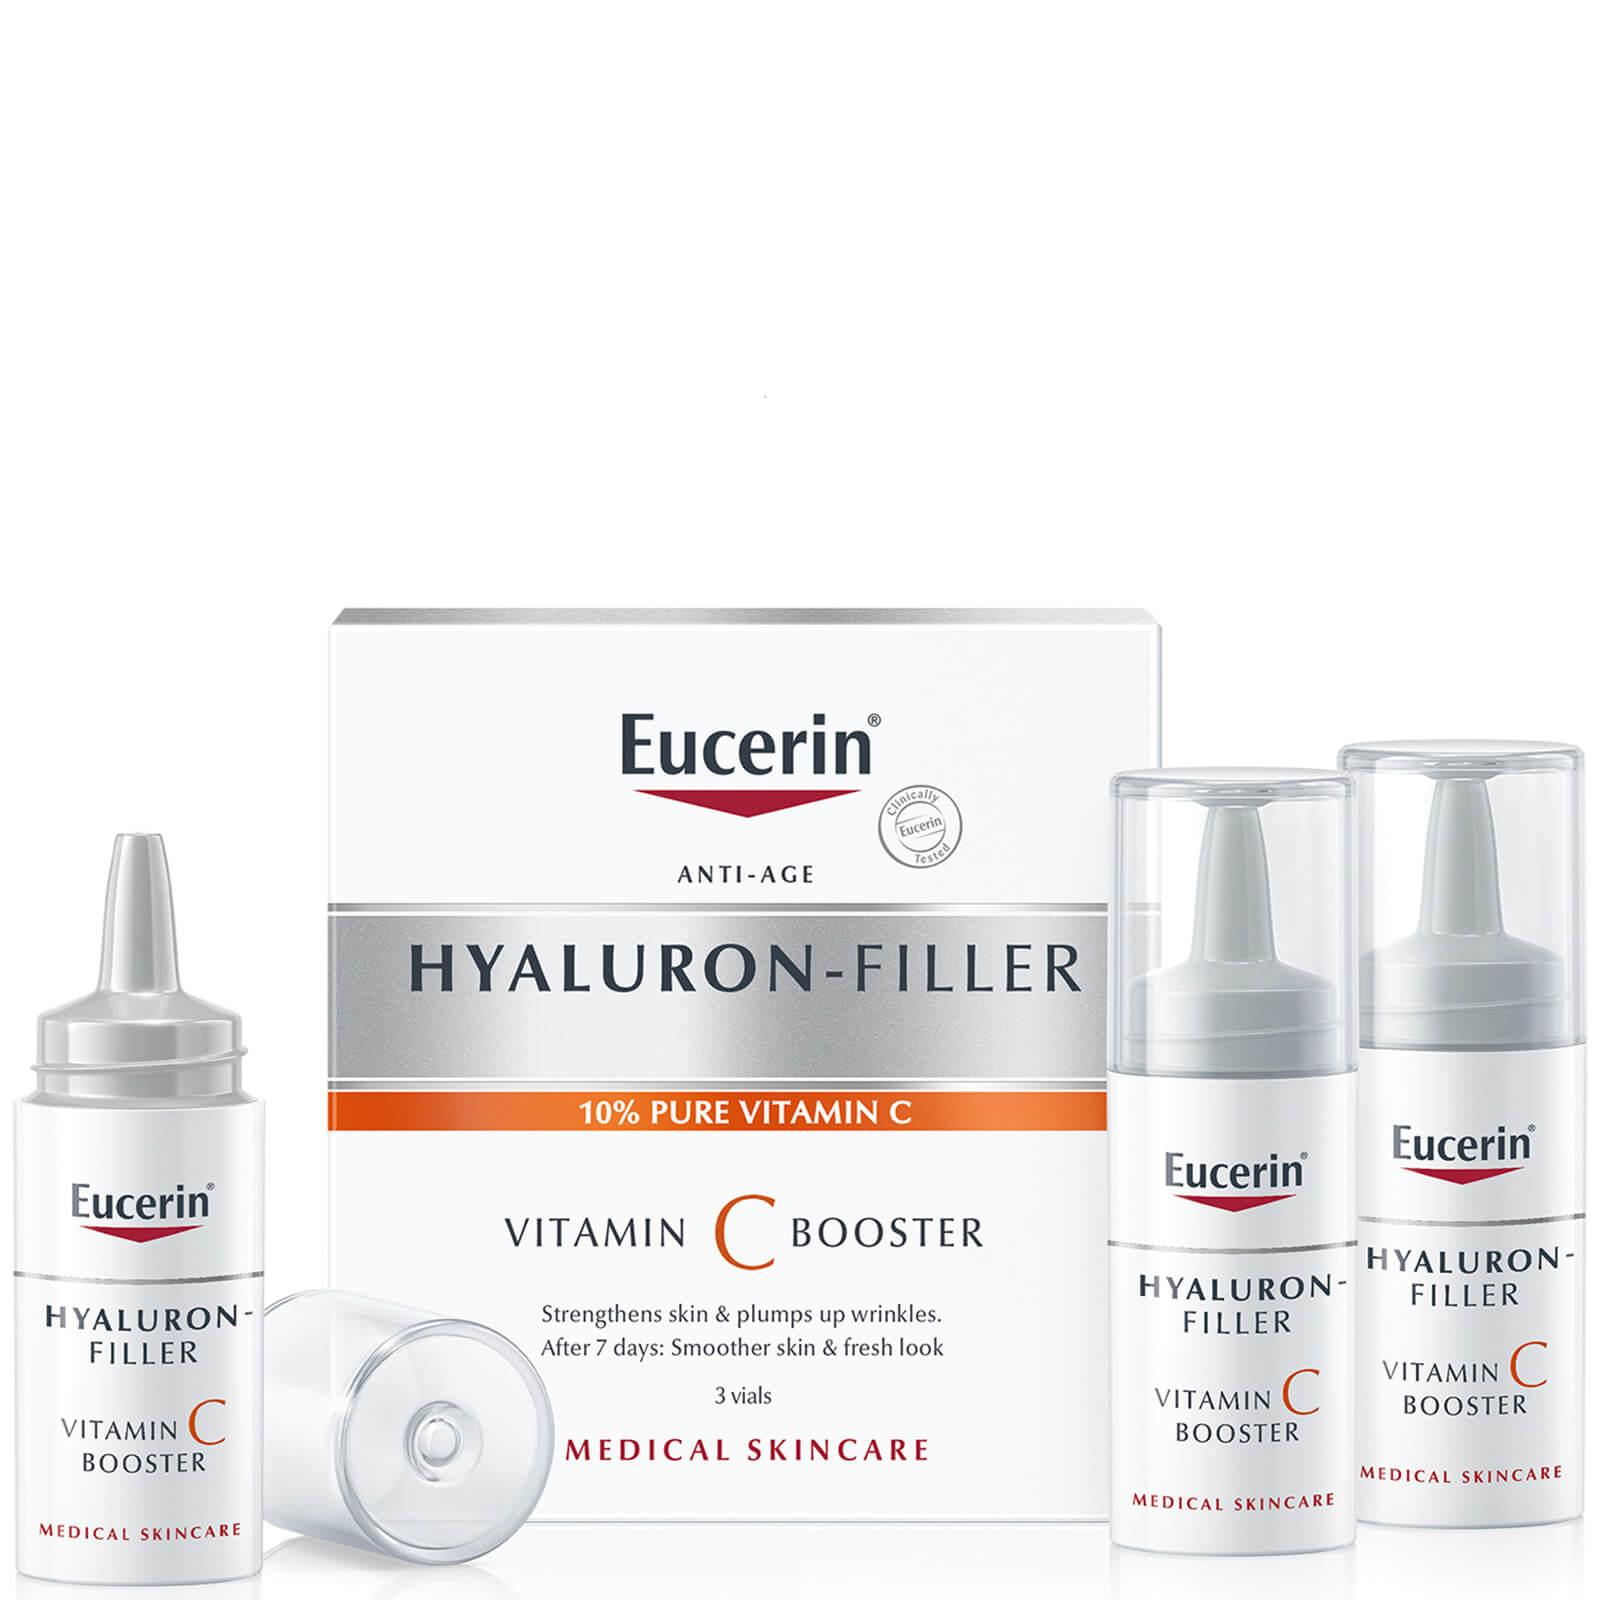 Image of Eucerin Hyaluron-Filler Vitamin C Booster (3 Vials)